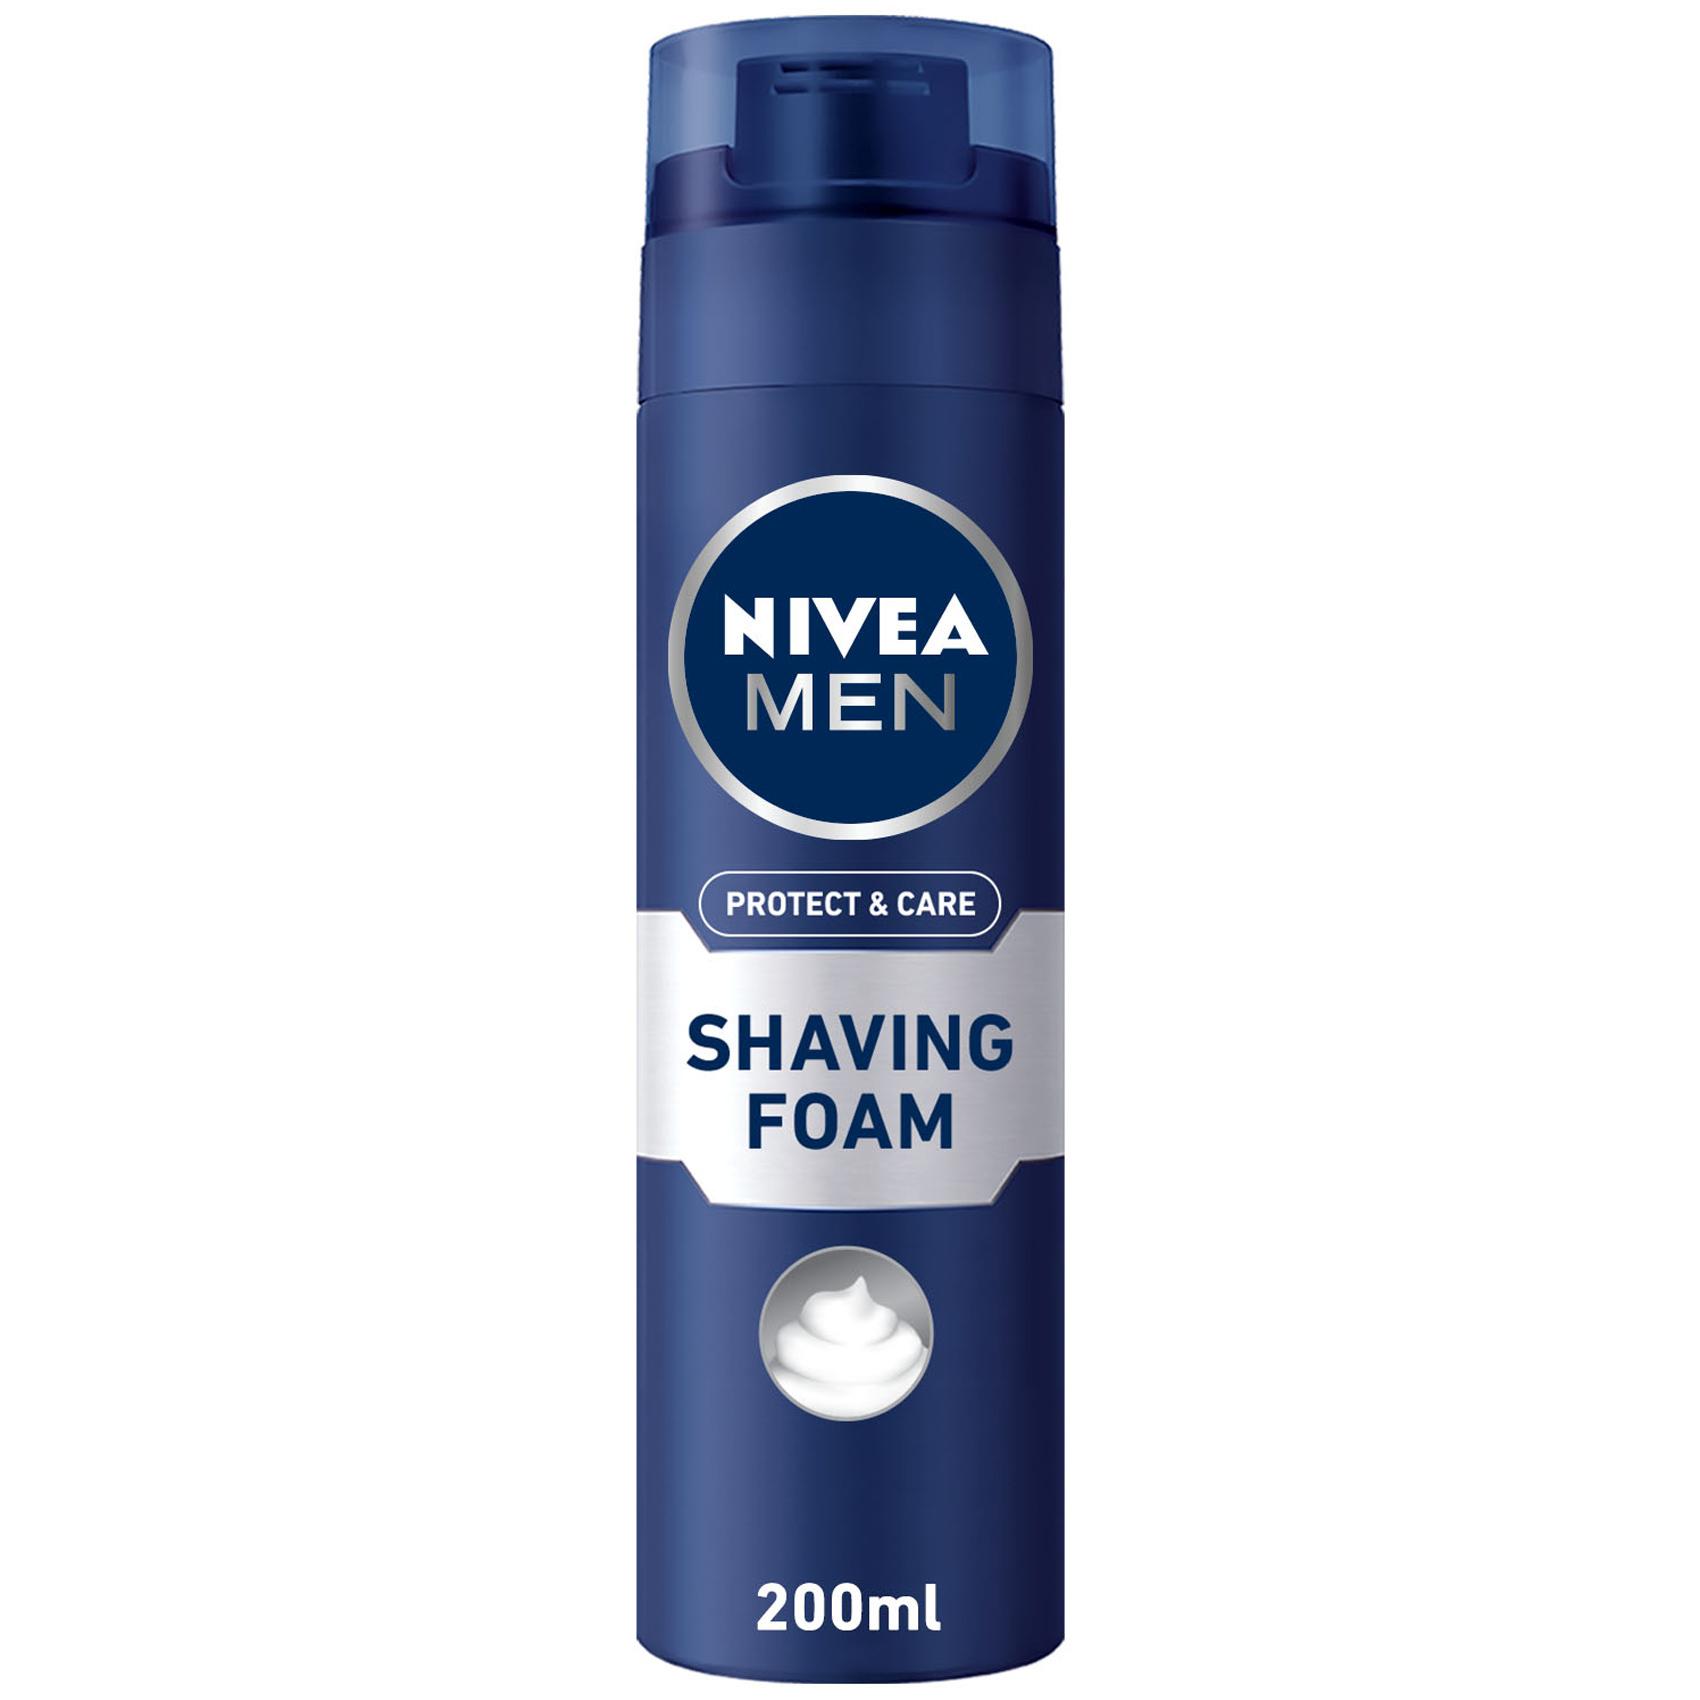 NIVEA MEN SHV/FOAM MILD 200ML